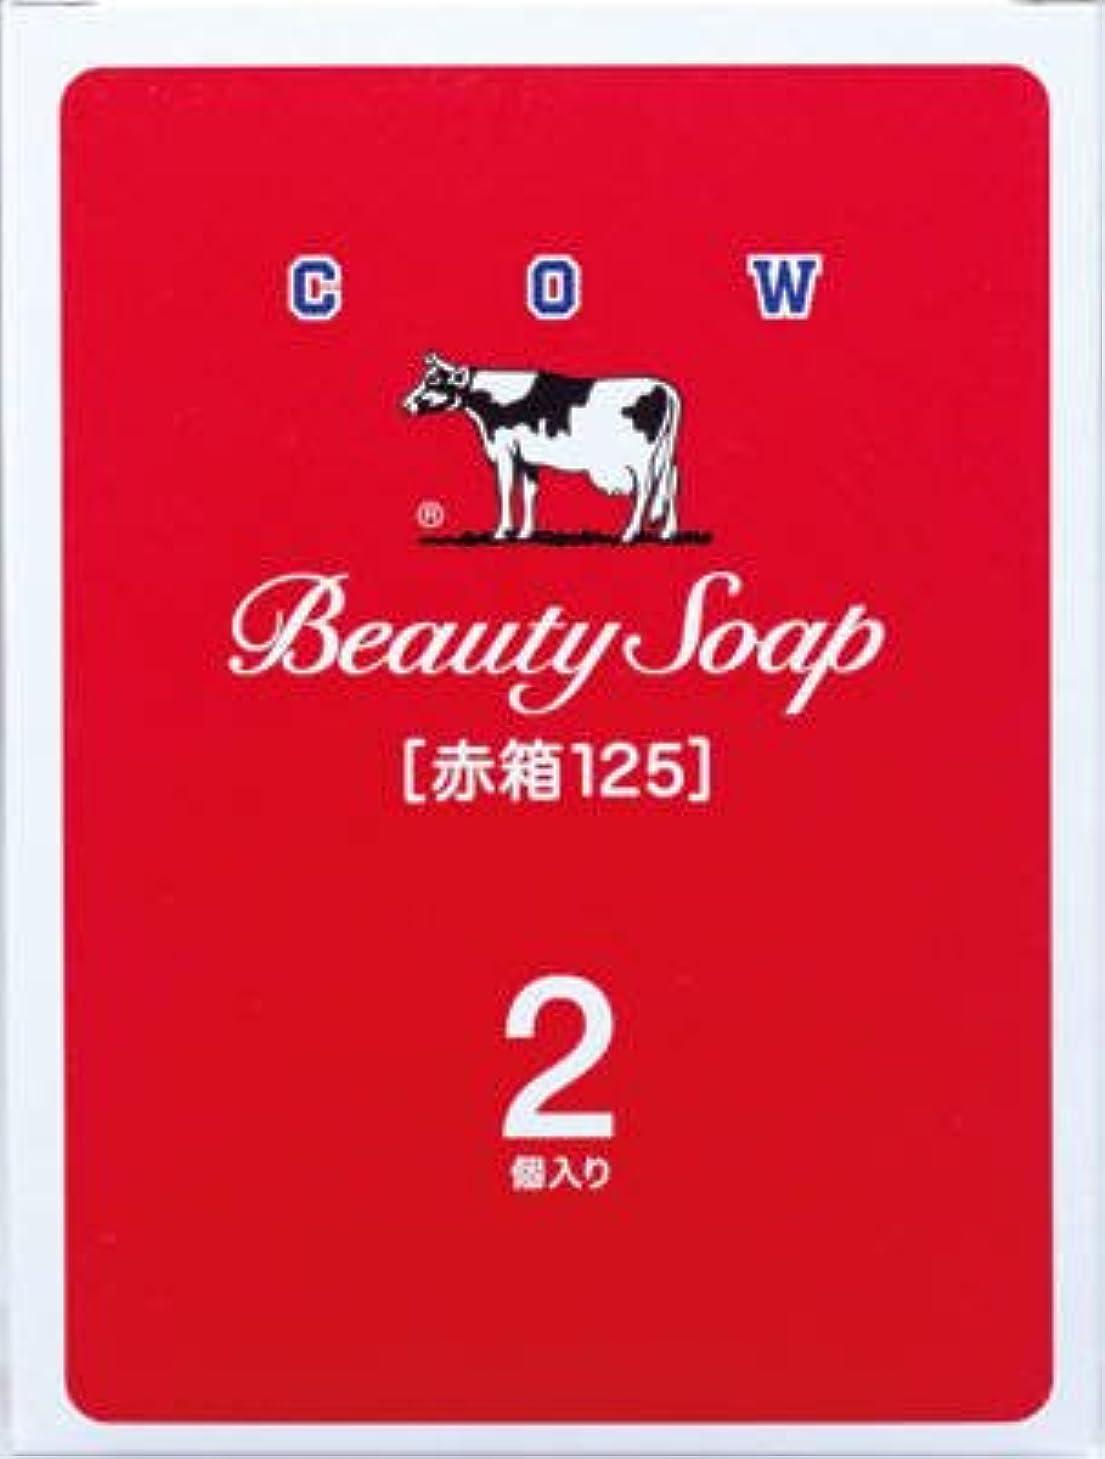 証言するコンソールウィザード牛乳石鹸共進社 カウブランド 赤箱125 2コ入×36点セット (4901525004626)